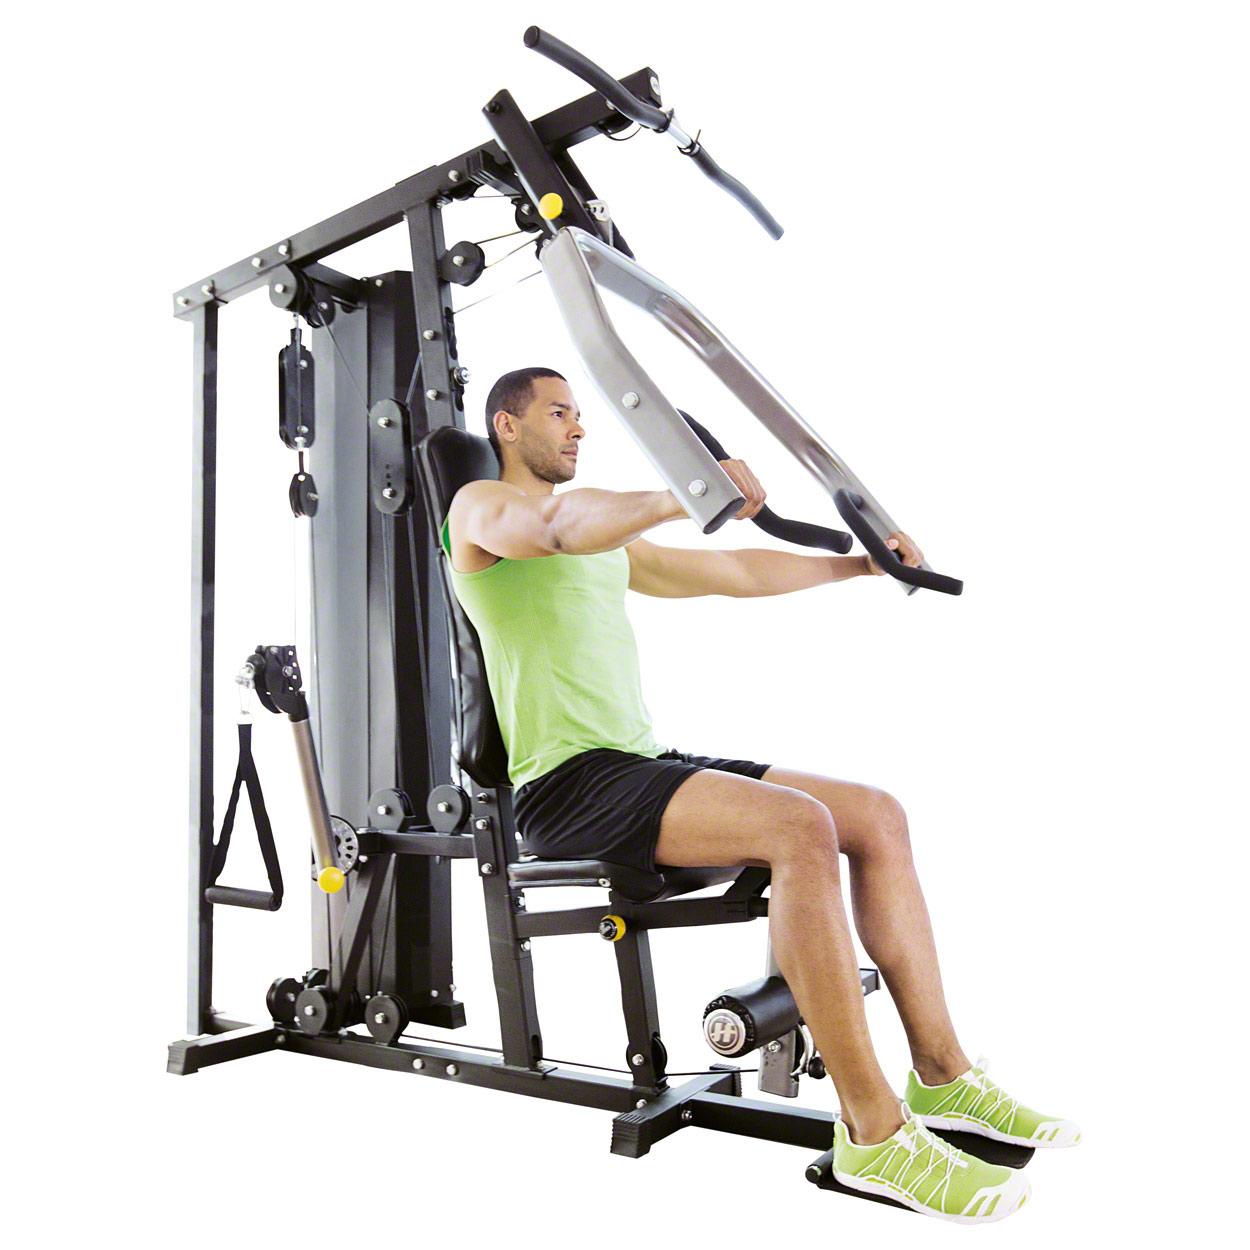 Fitnessgeräte Für Zuhause fitnessgeräte für zuhause große auswahl an kraftsportgeräten